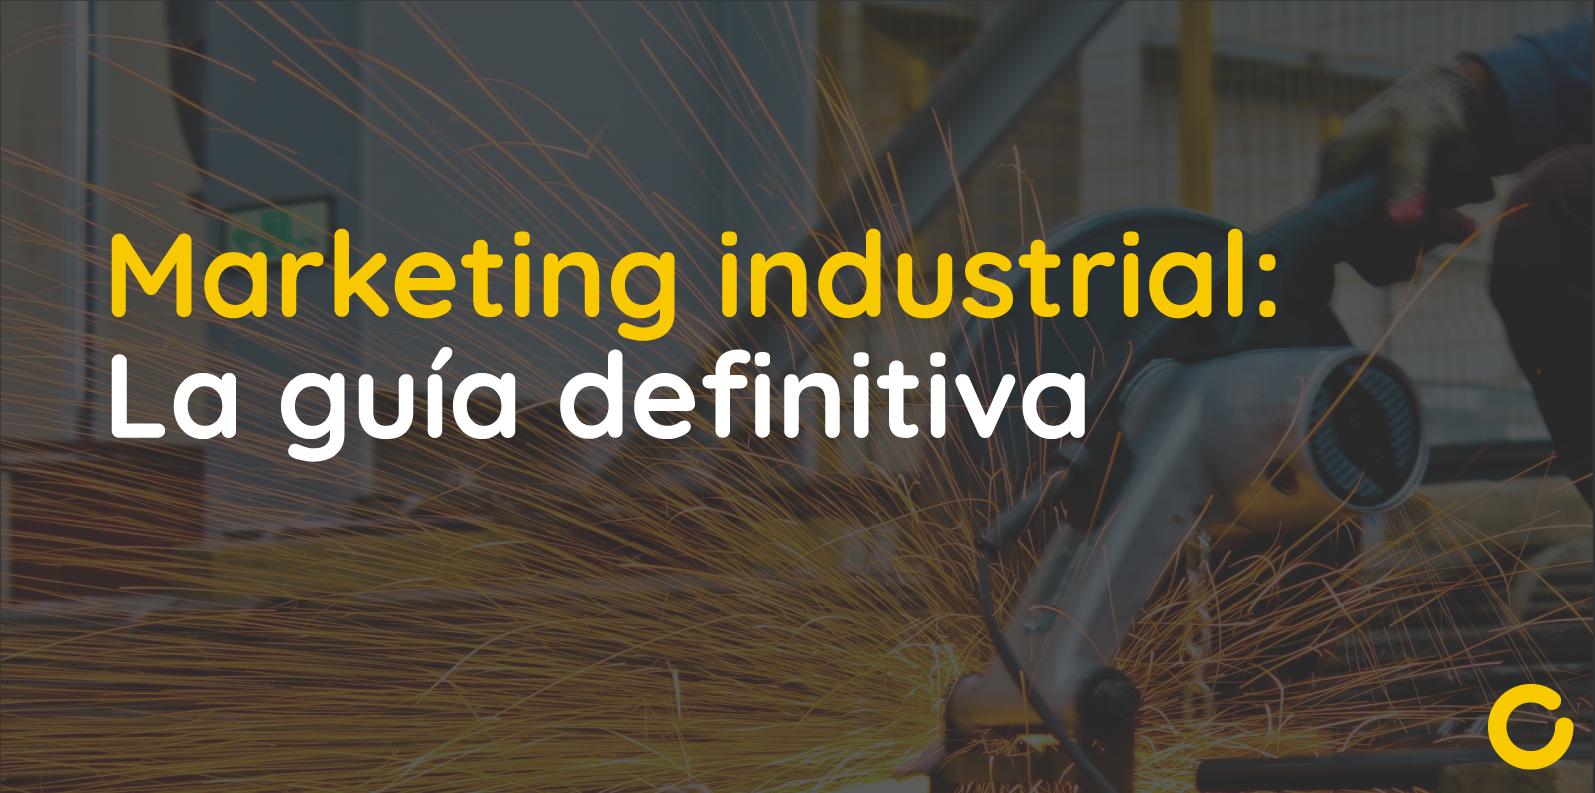 Marketing industrial- La guía definitiva